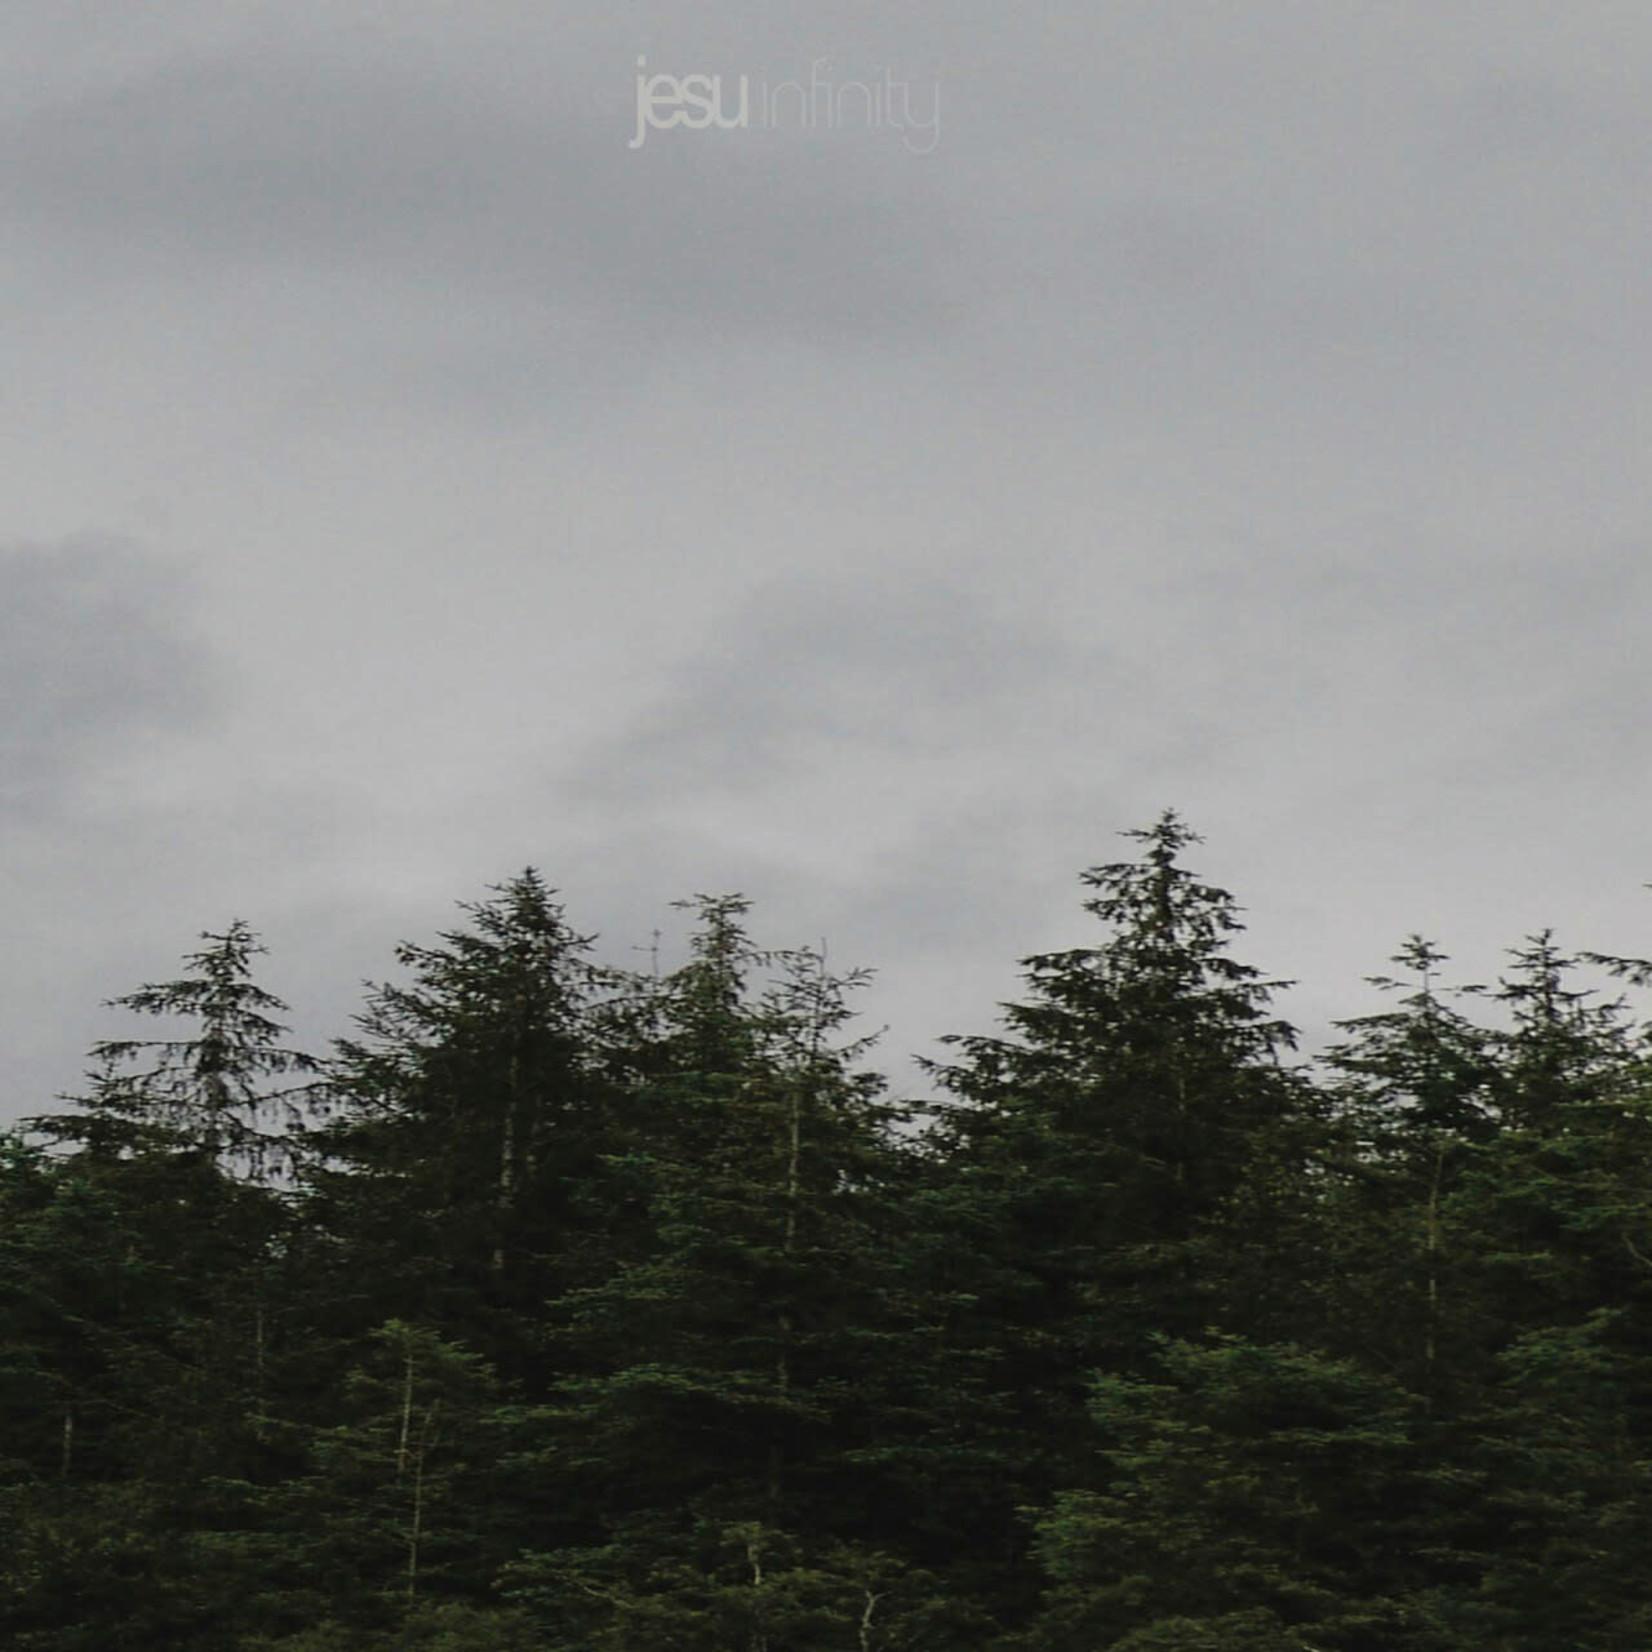 [New] Jesu: Infinity